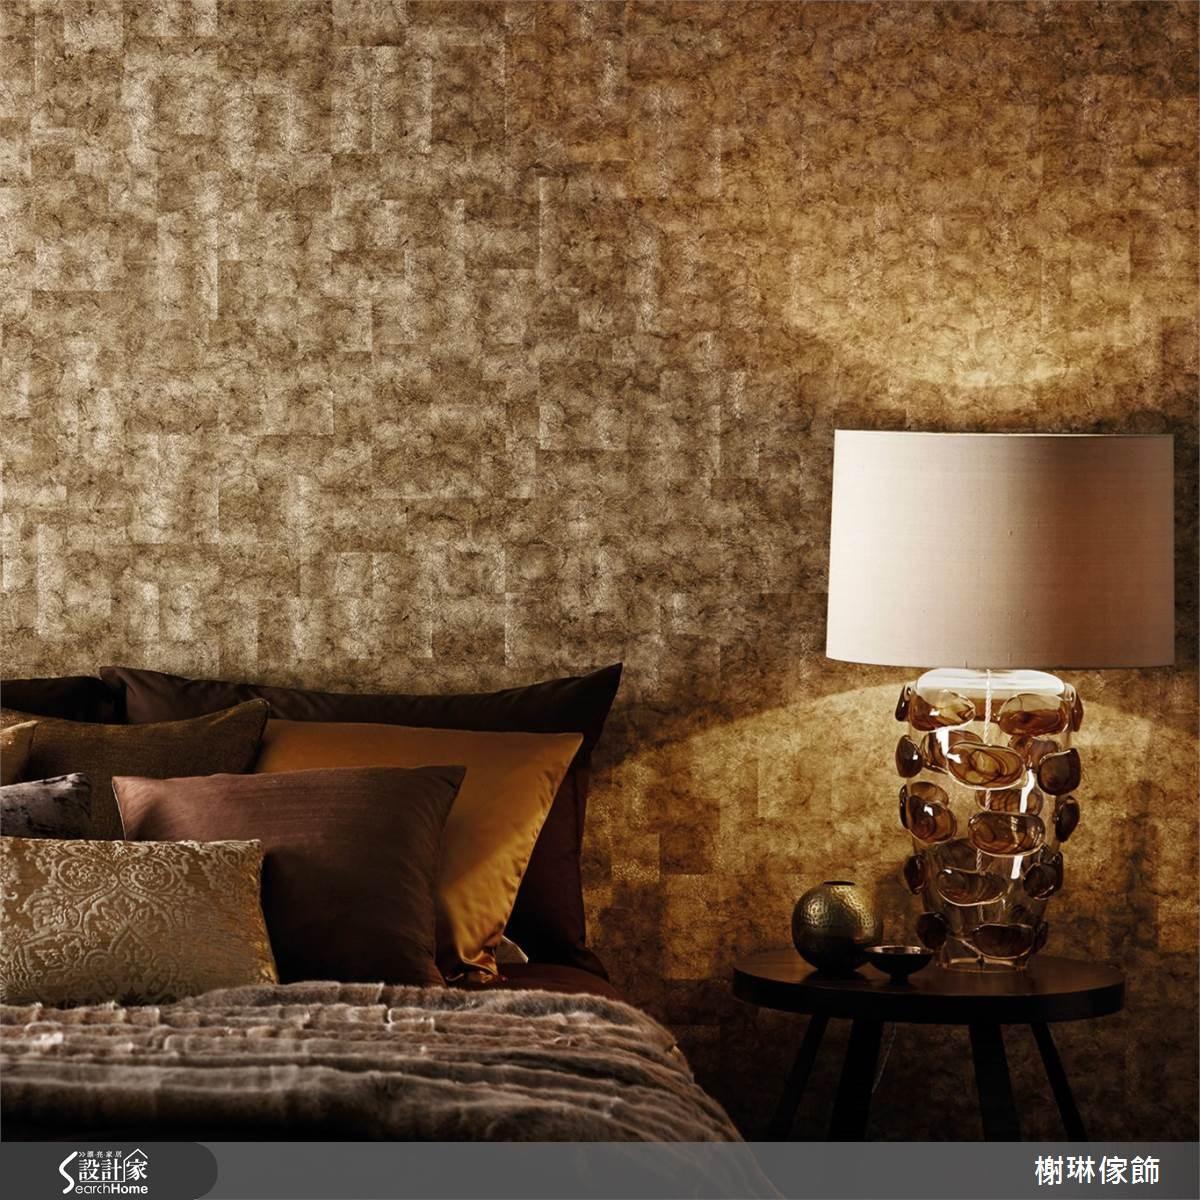 _案例圖片_榭琳傢飾設計公司_榭琳傢飾-窗簾,壁紙,傢俱_ Anthology 1之2